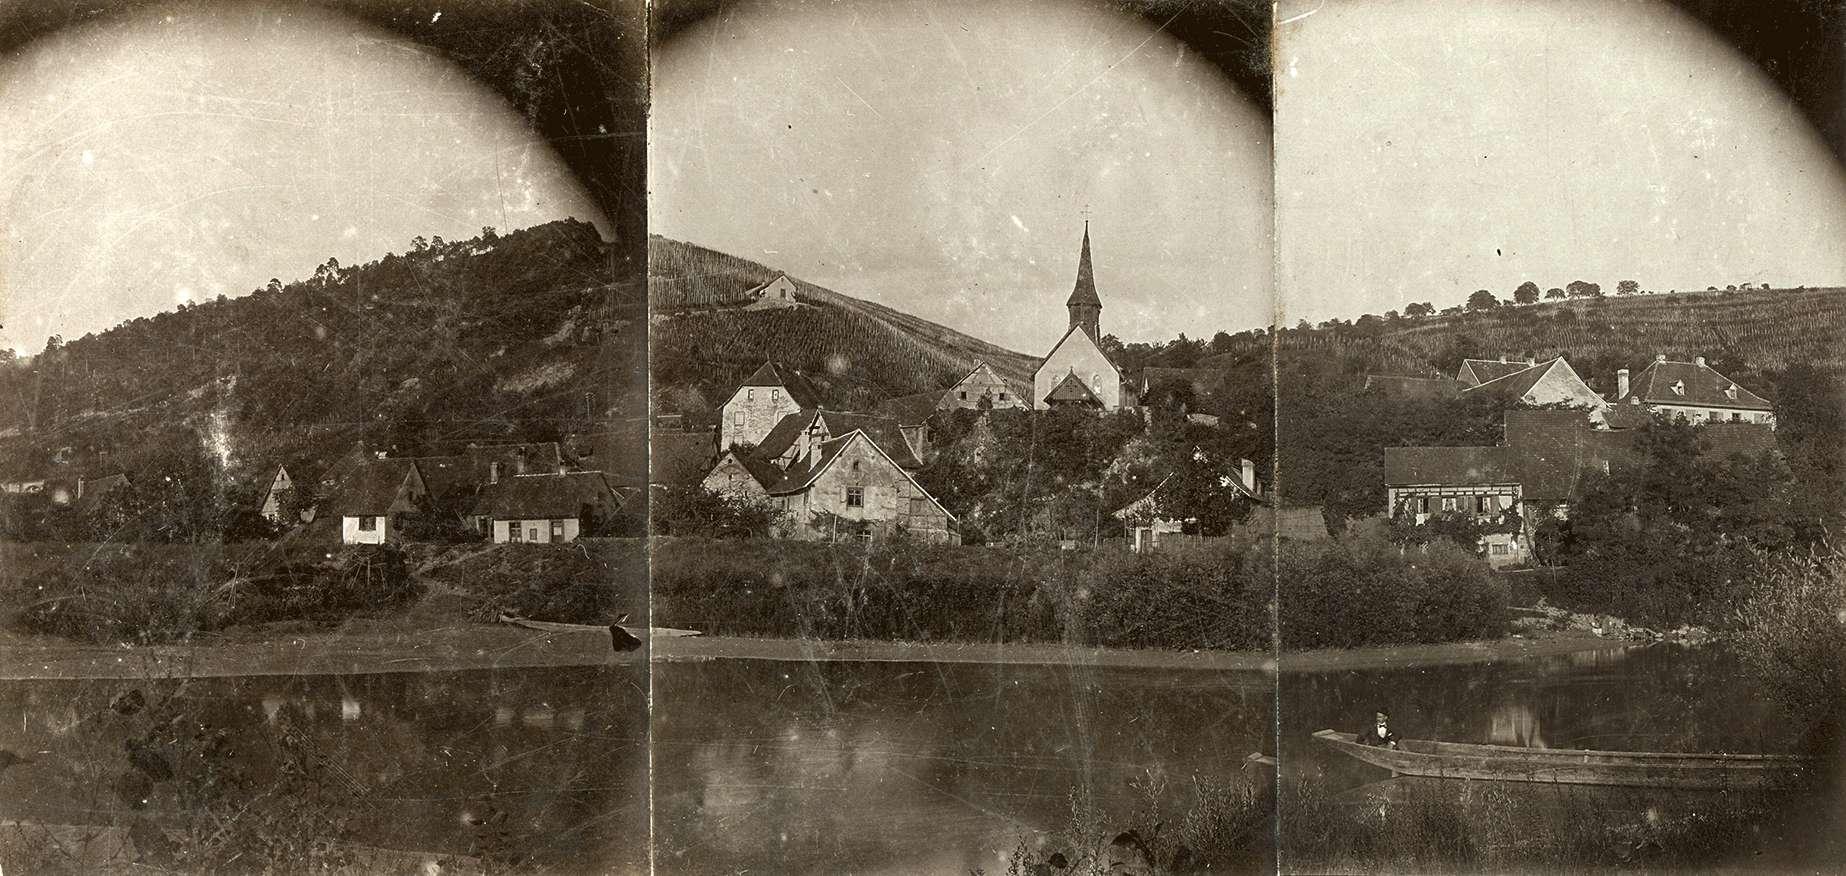 Ansicht von Kleinkems, Bild 1